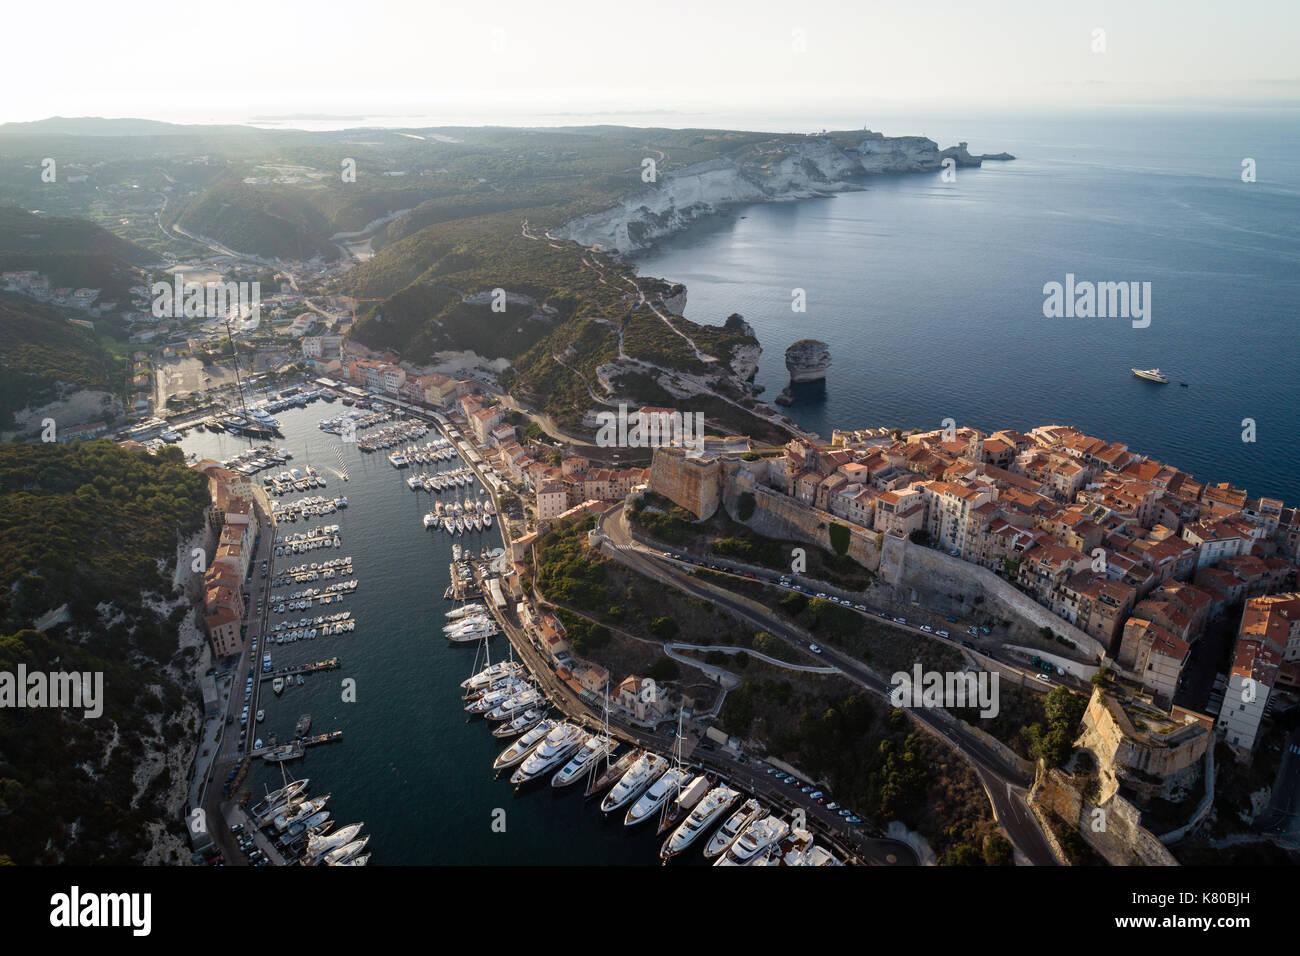 Vista aérea de los barcos y yates en el puerto deportivo de la ciudad histórica de Bonifacio, Córcega, Francia Imagen De Stock